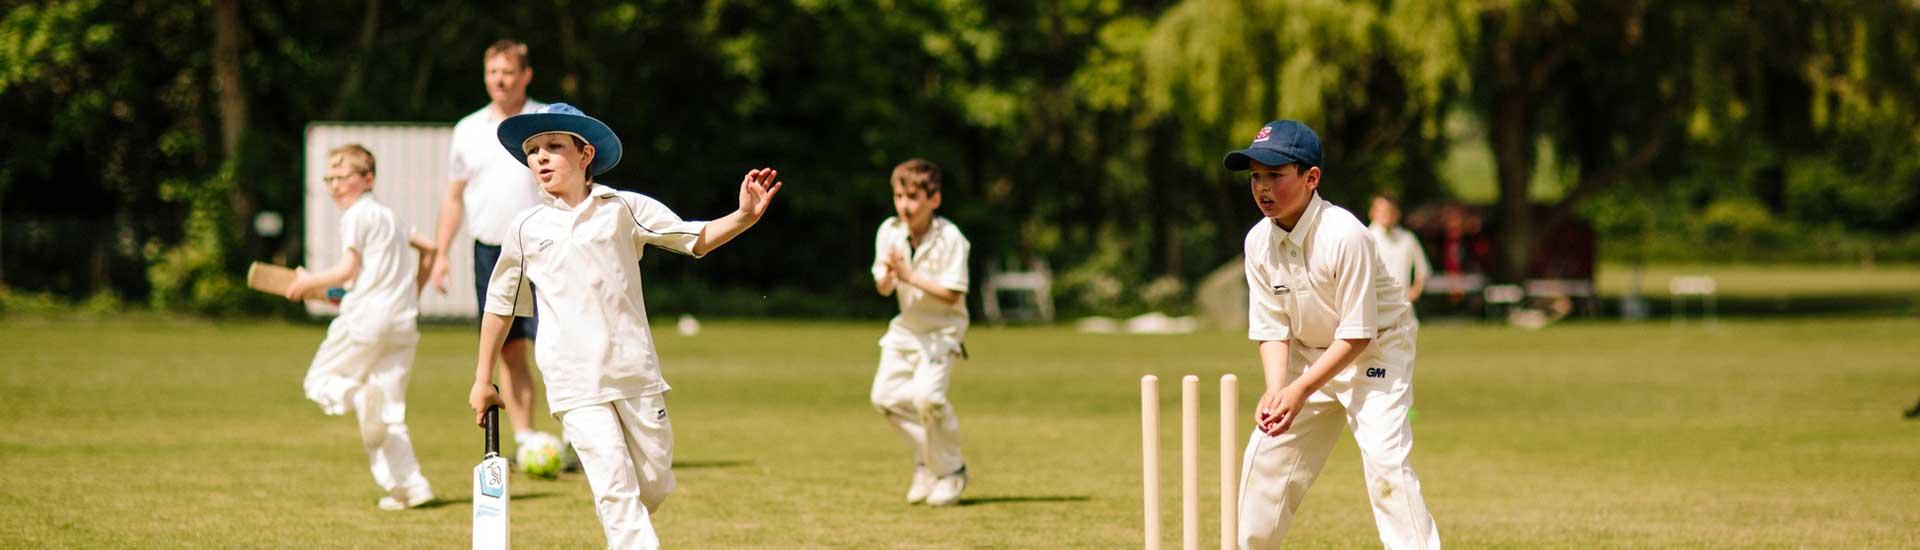 Mill Hill School - Cricket